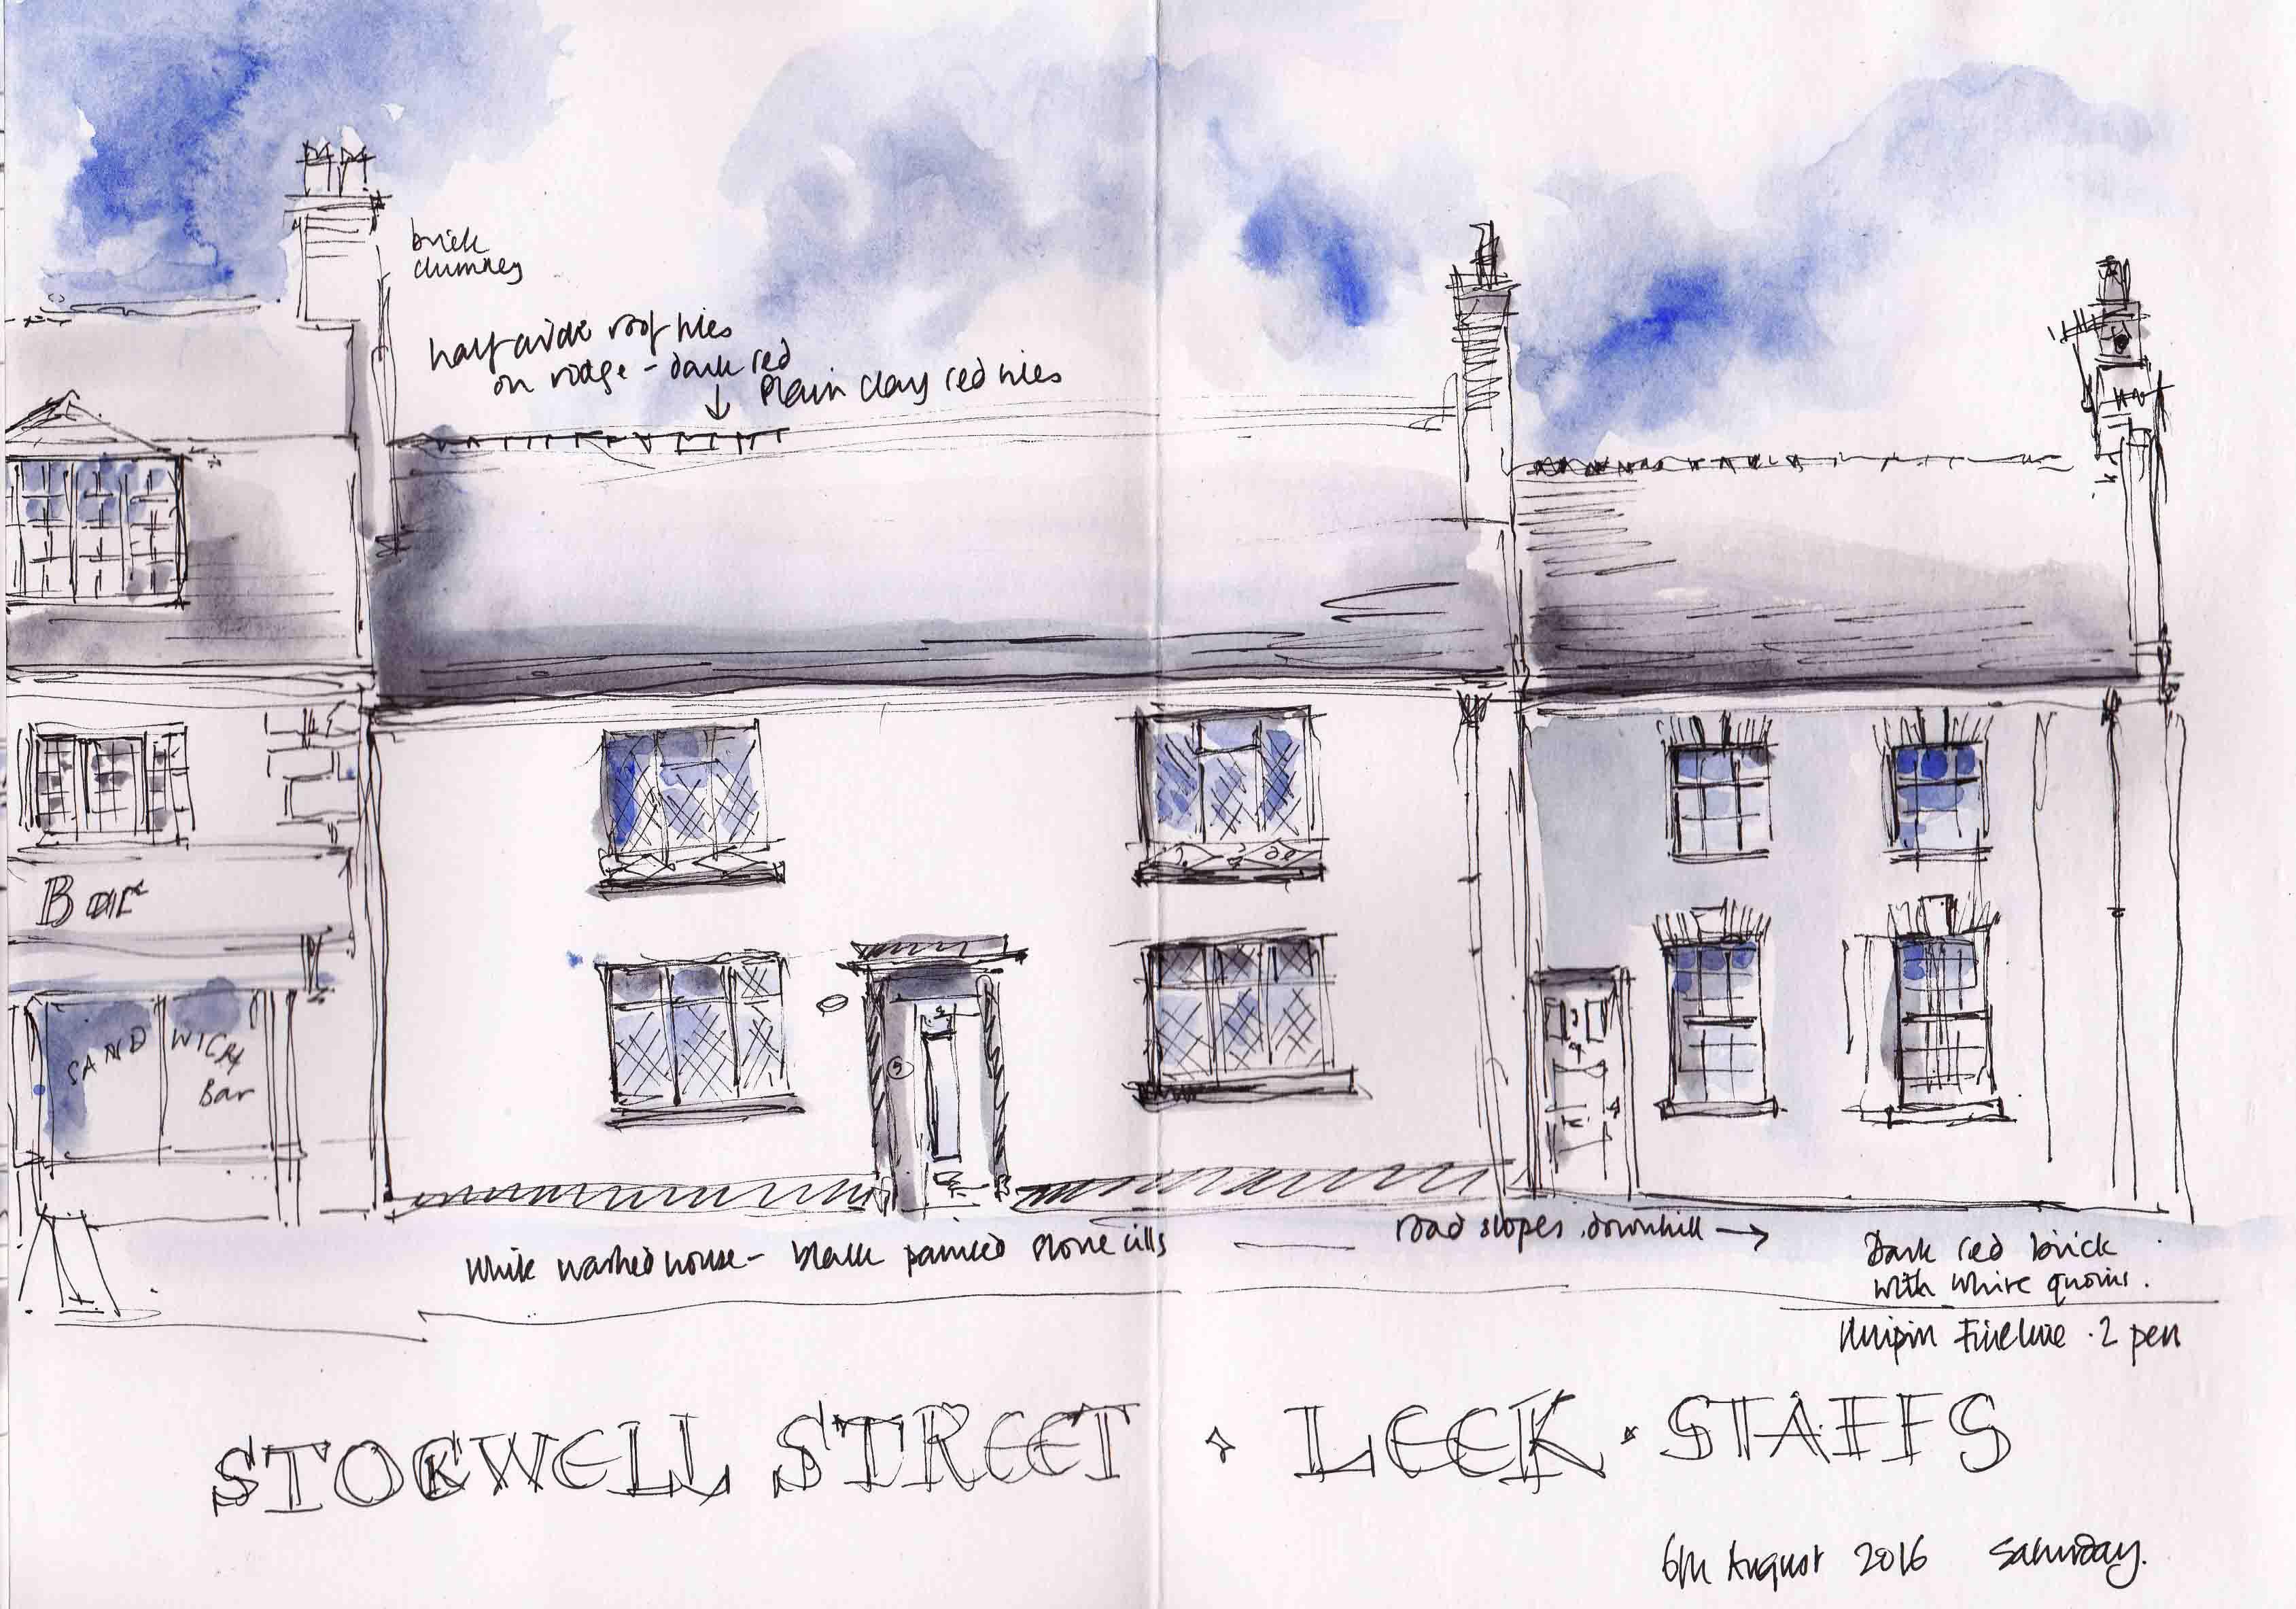 5 leek Stockwell.jpg